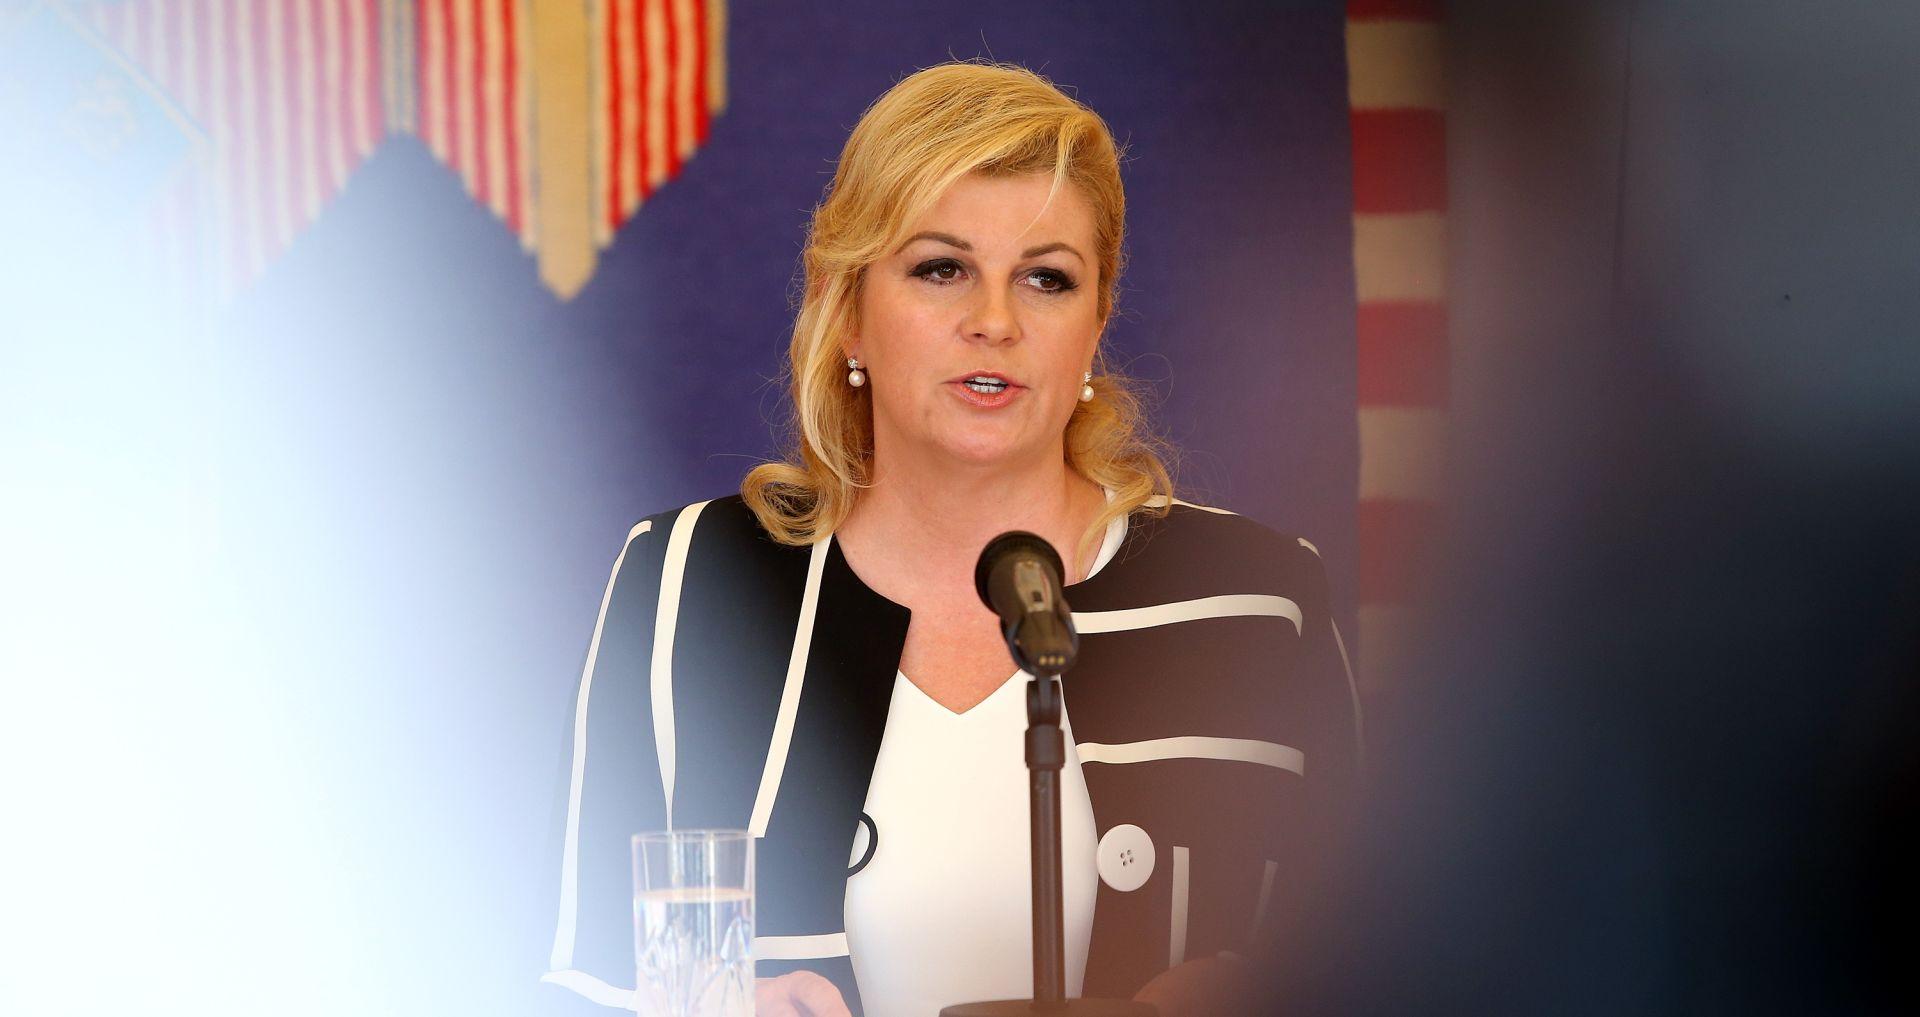 Predsjednica pozvala Milanovića i Karamarka na konzultacije u ponedjeljak u istom terminu